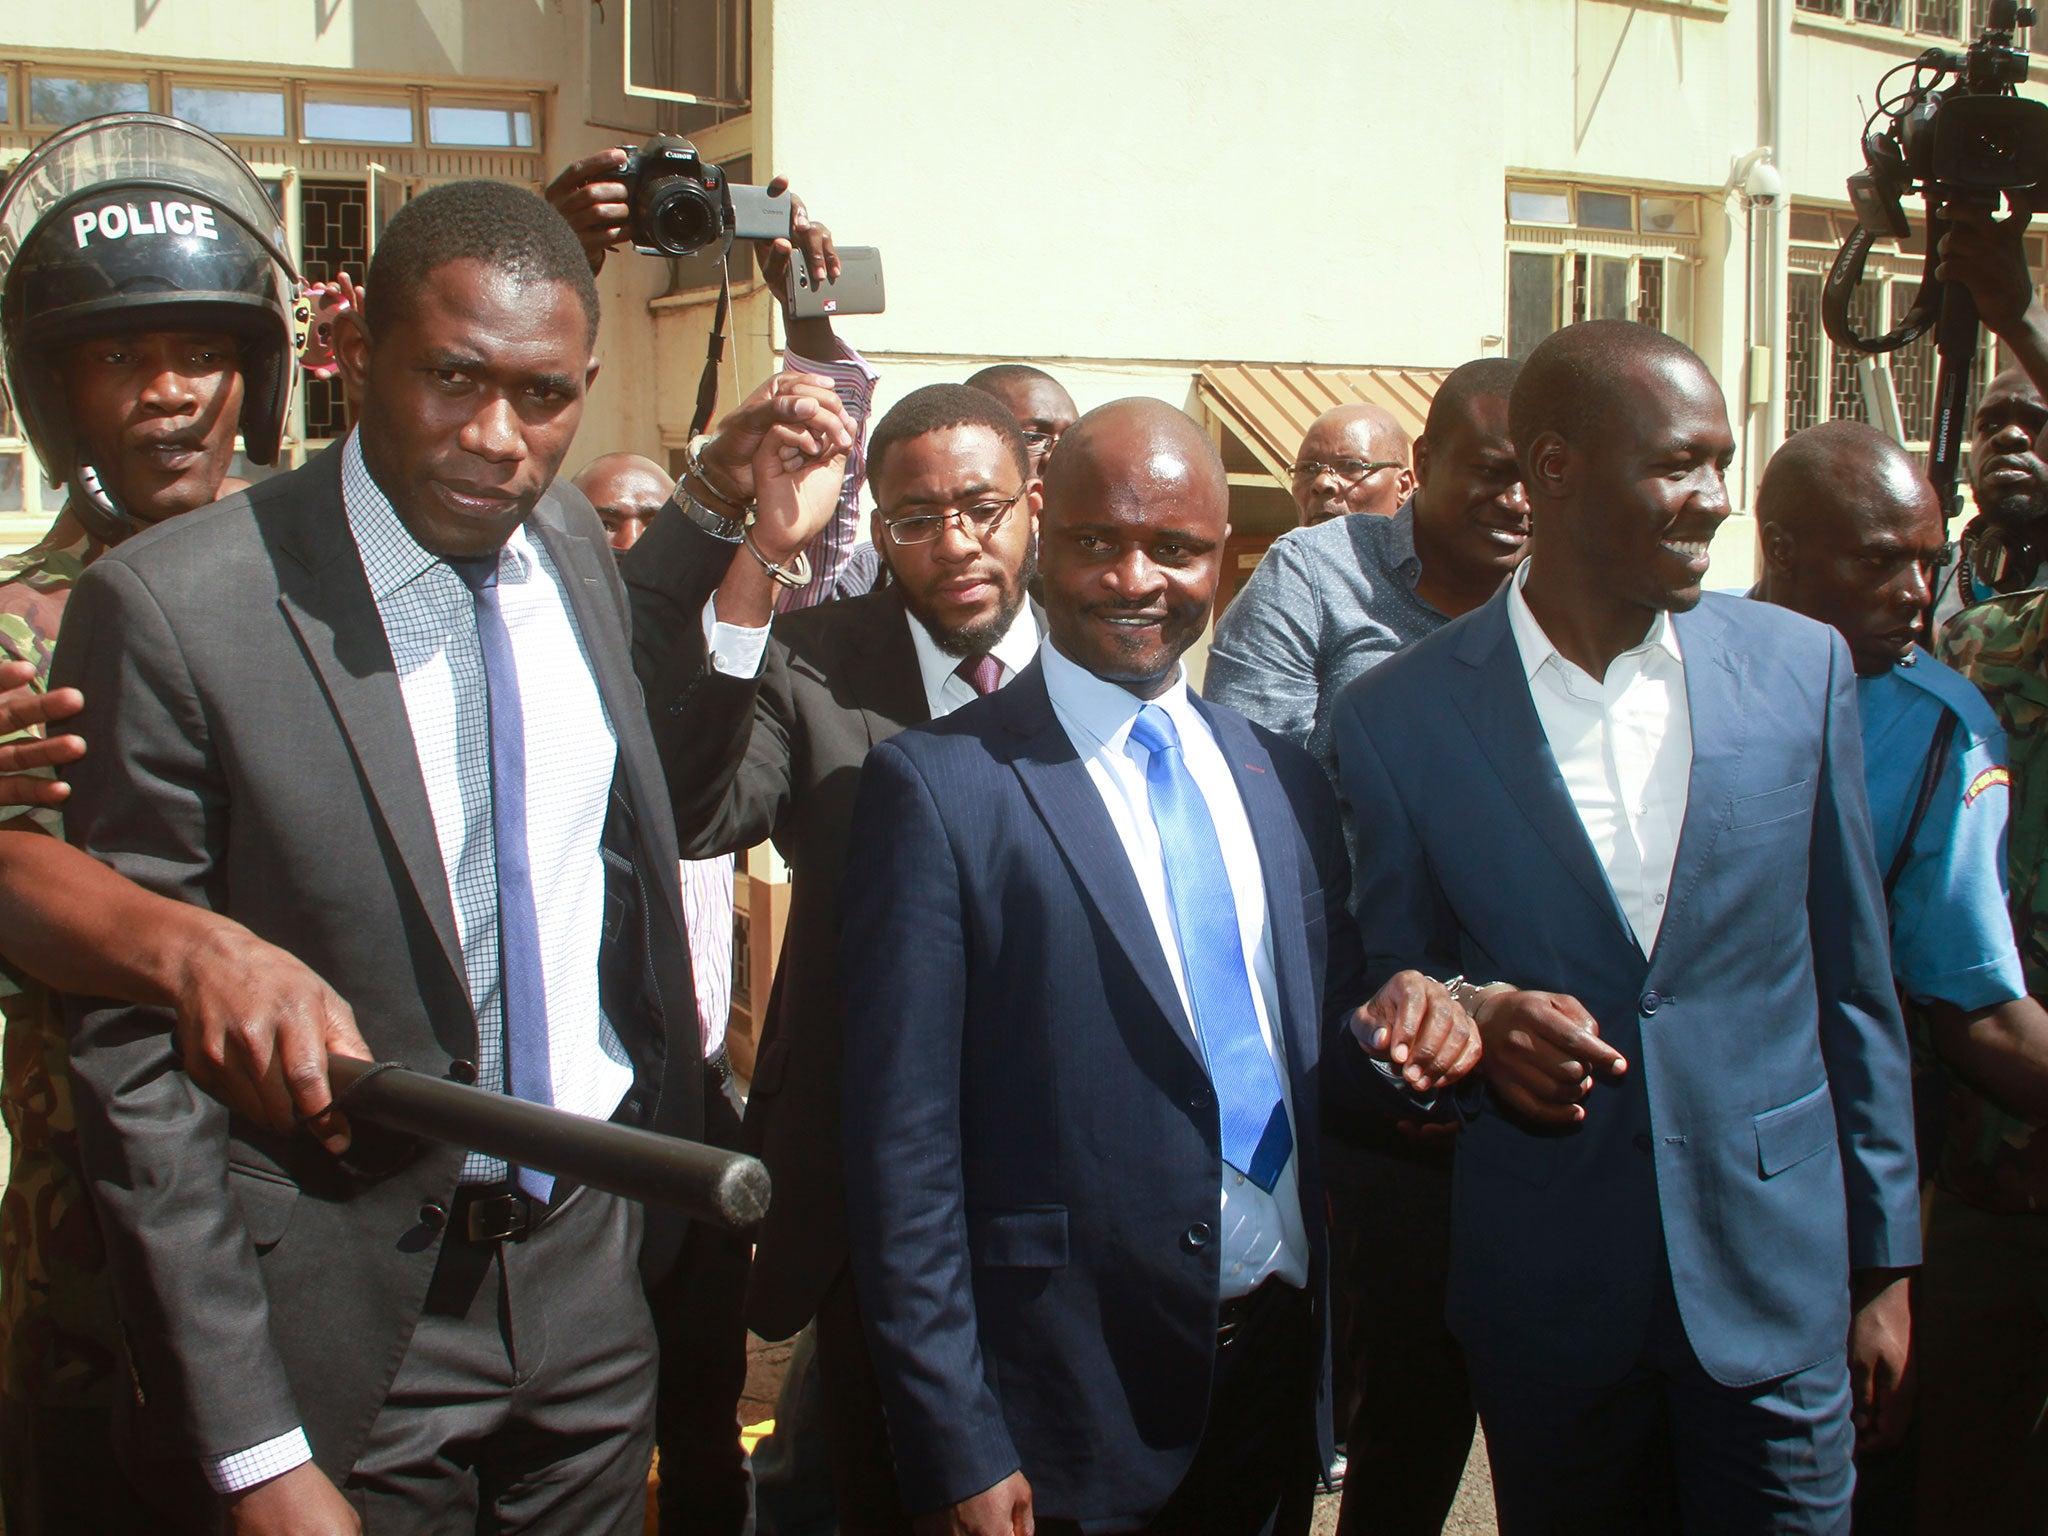 Seven doctors jailed over deadly kenyan hospital strike the independent